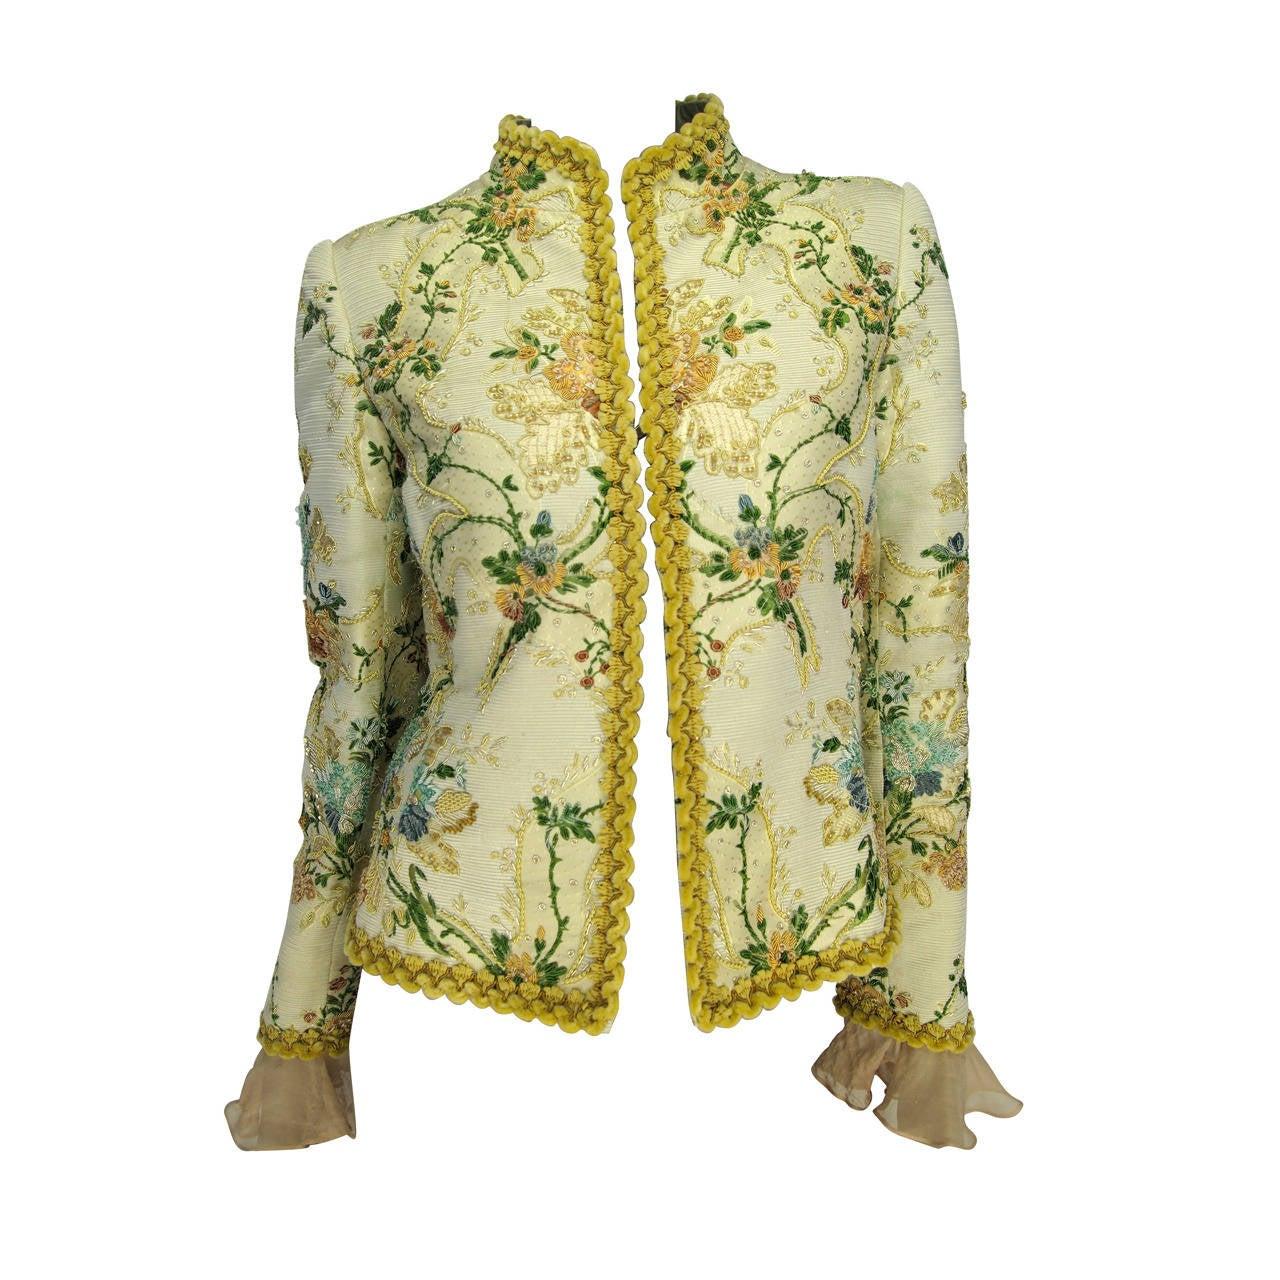 Oscar de la Renta Lesage Embroidered Jacket